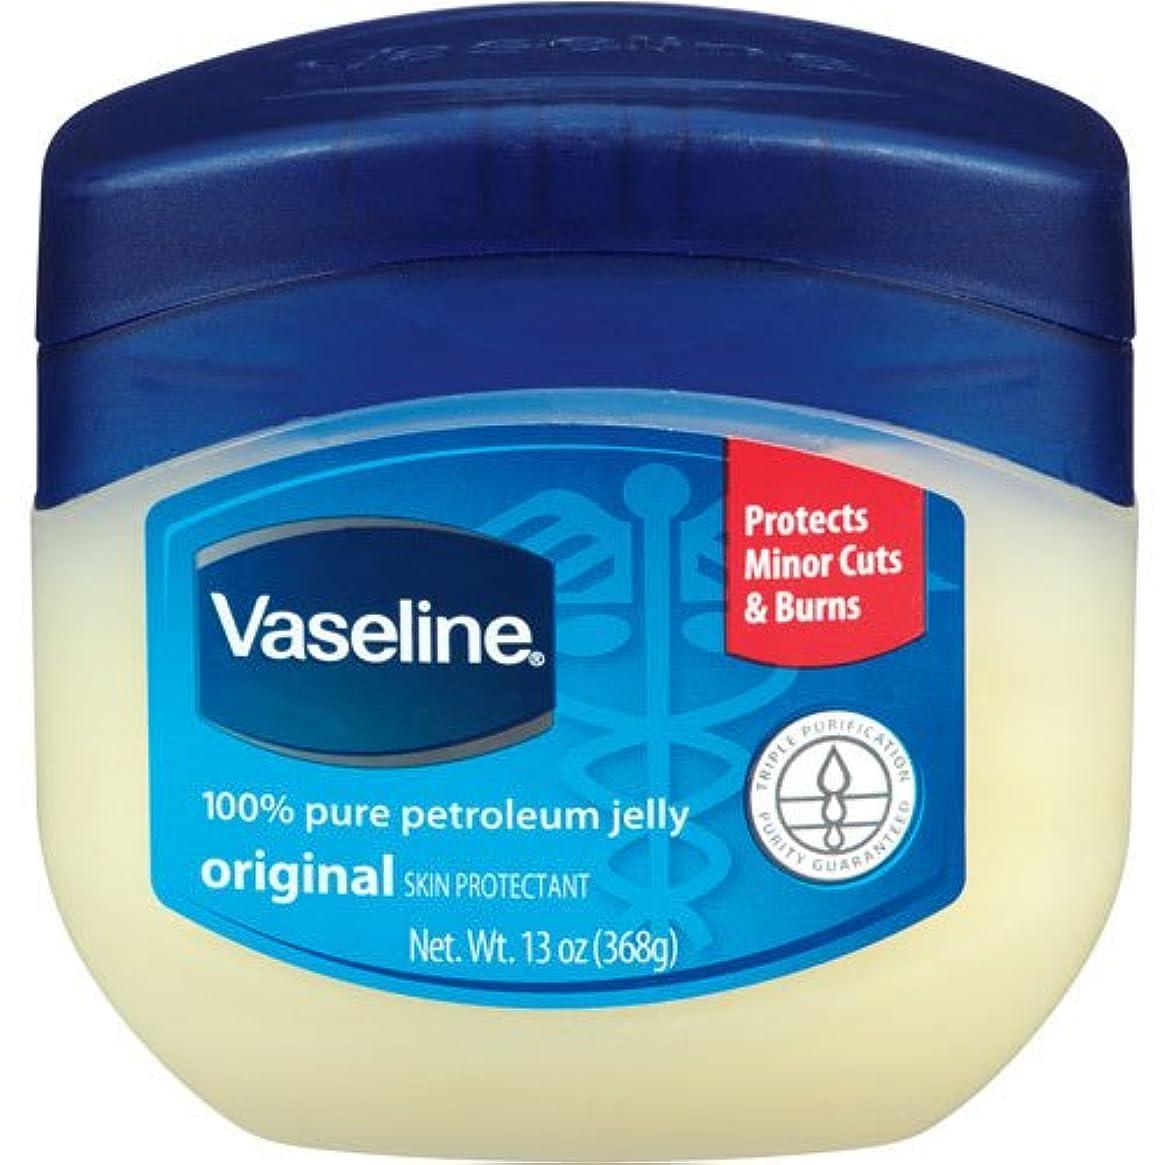 極めて薄暗い養うヴァセリン [Vaseline]ペトロリュームジェリージャータイプ[保湿クリーム]368g[並行輸入品]